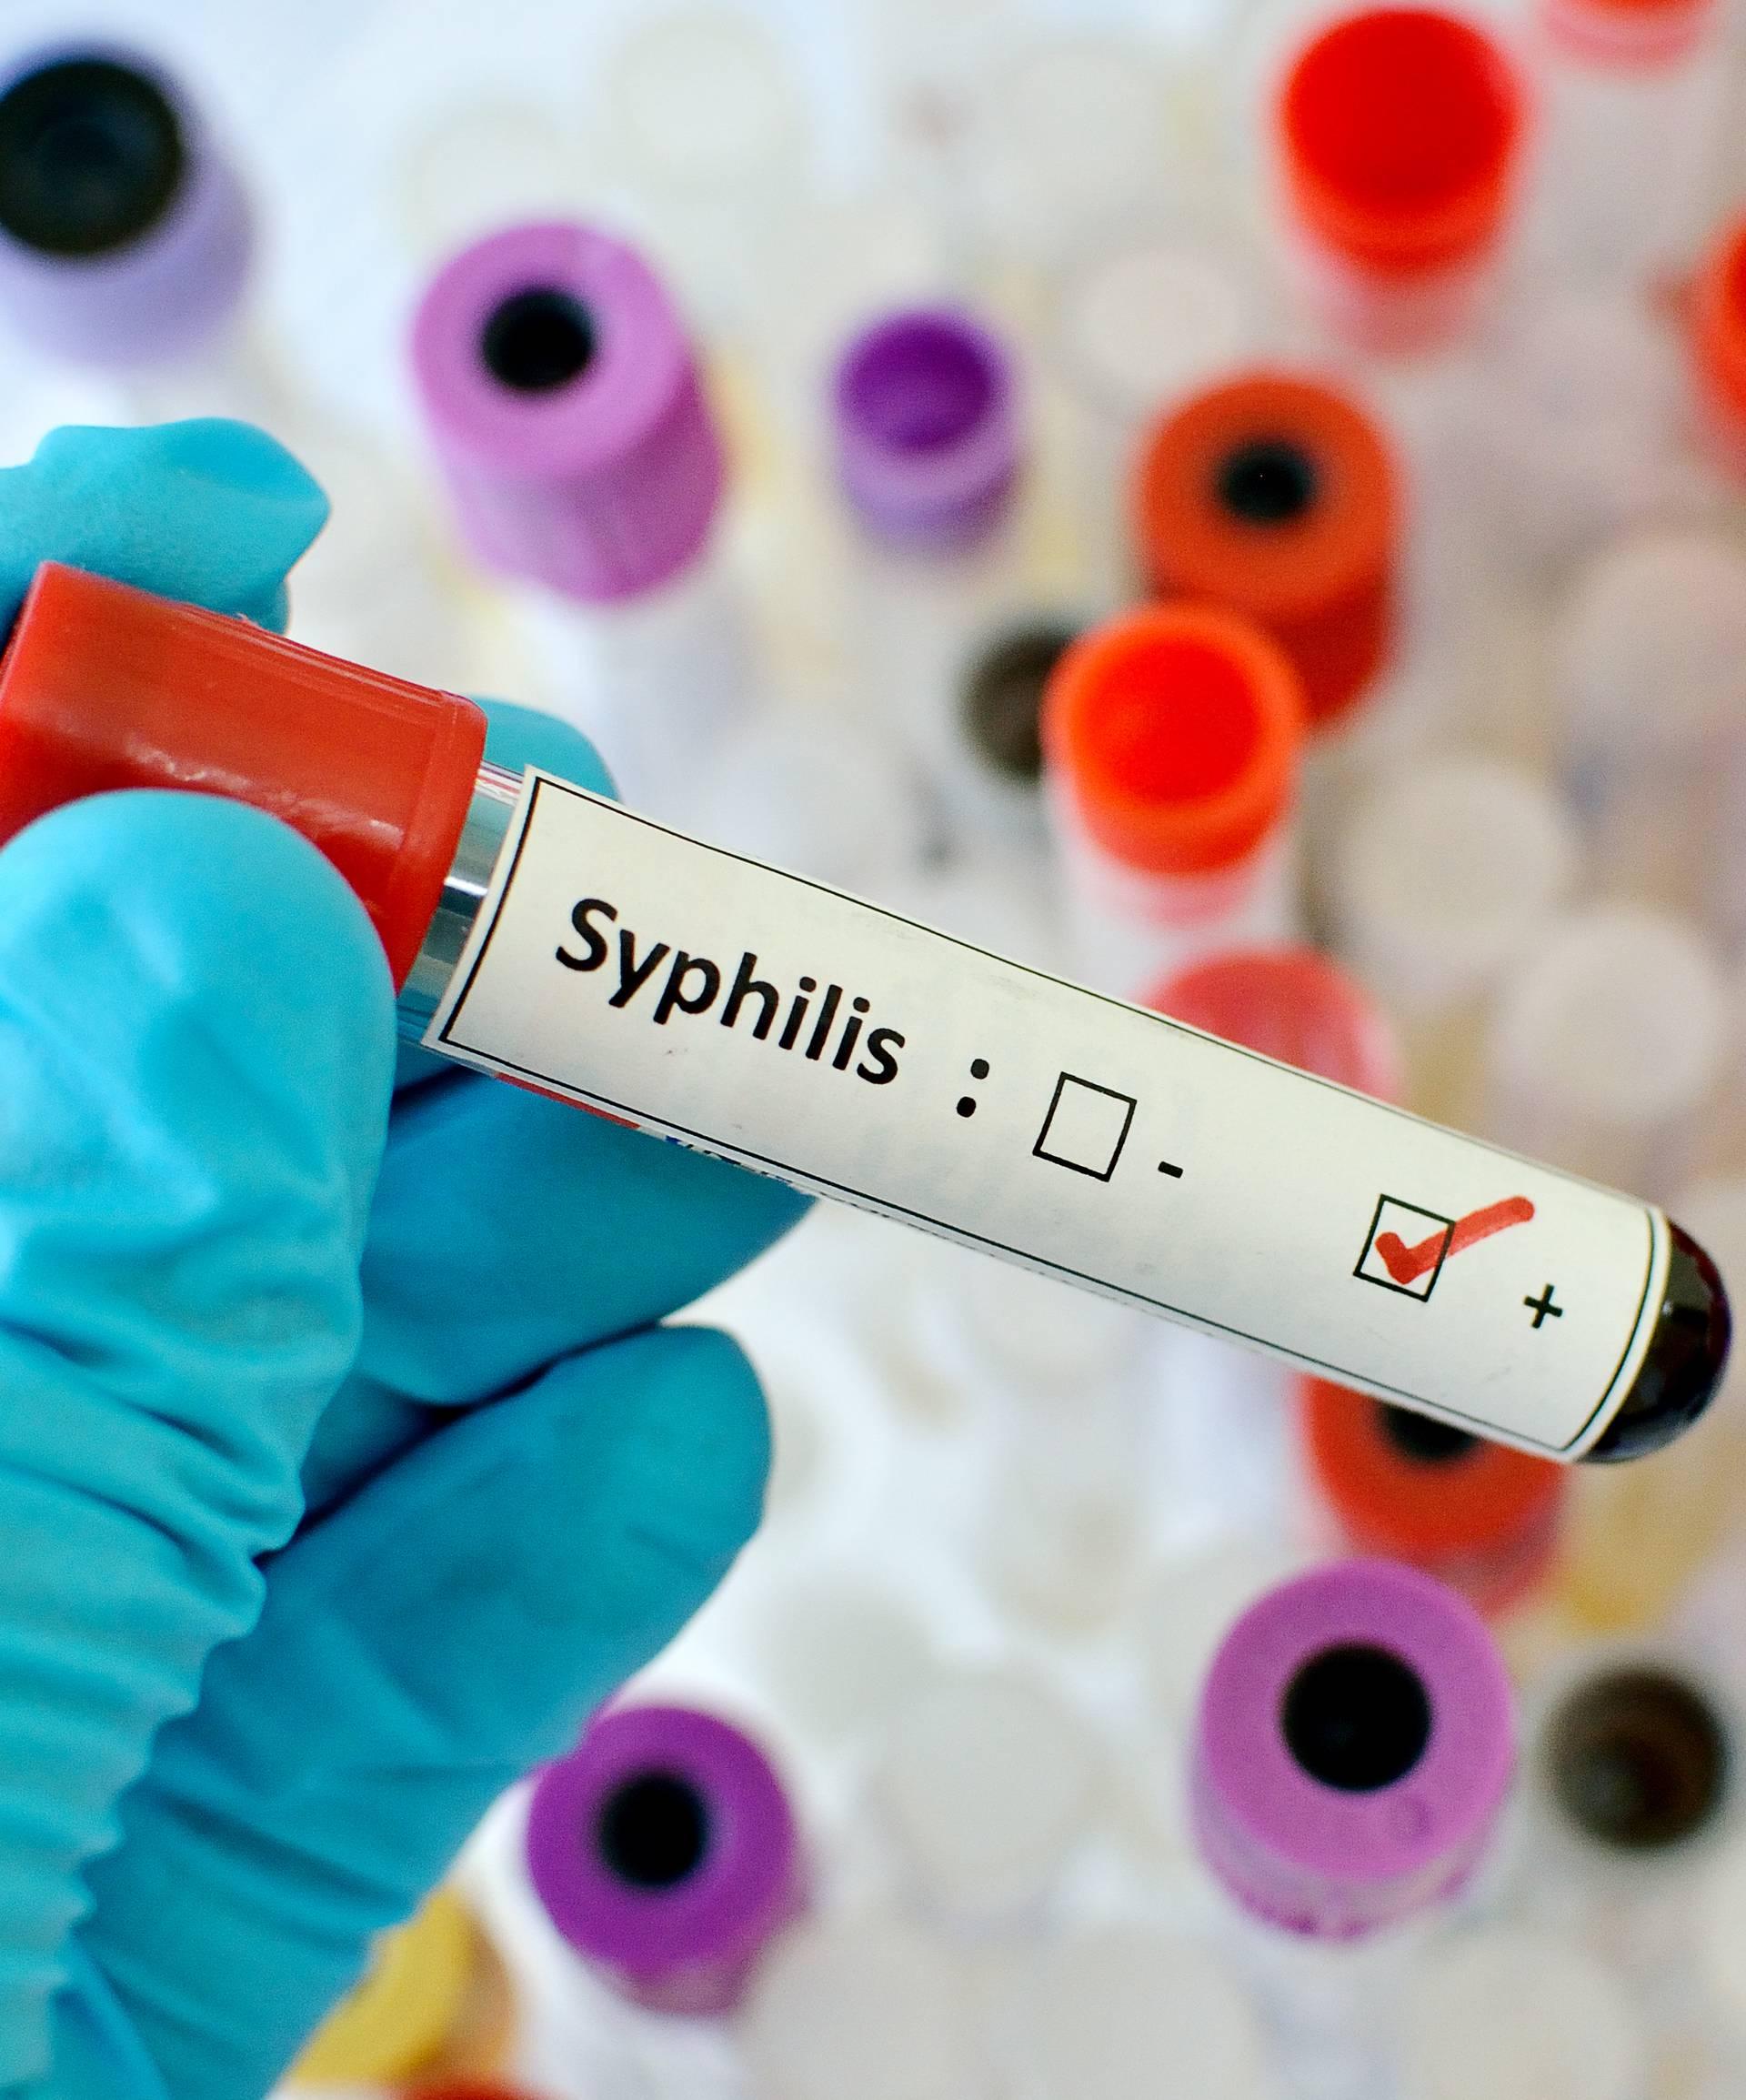 Sve više sifilisa, ali hrvatski liječnici poručuju: Bez panike...